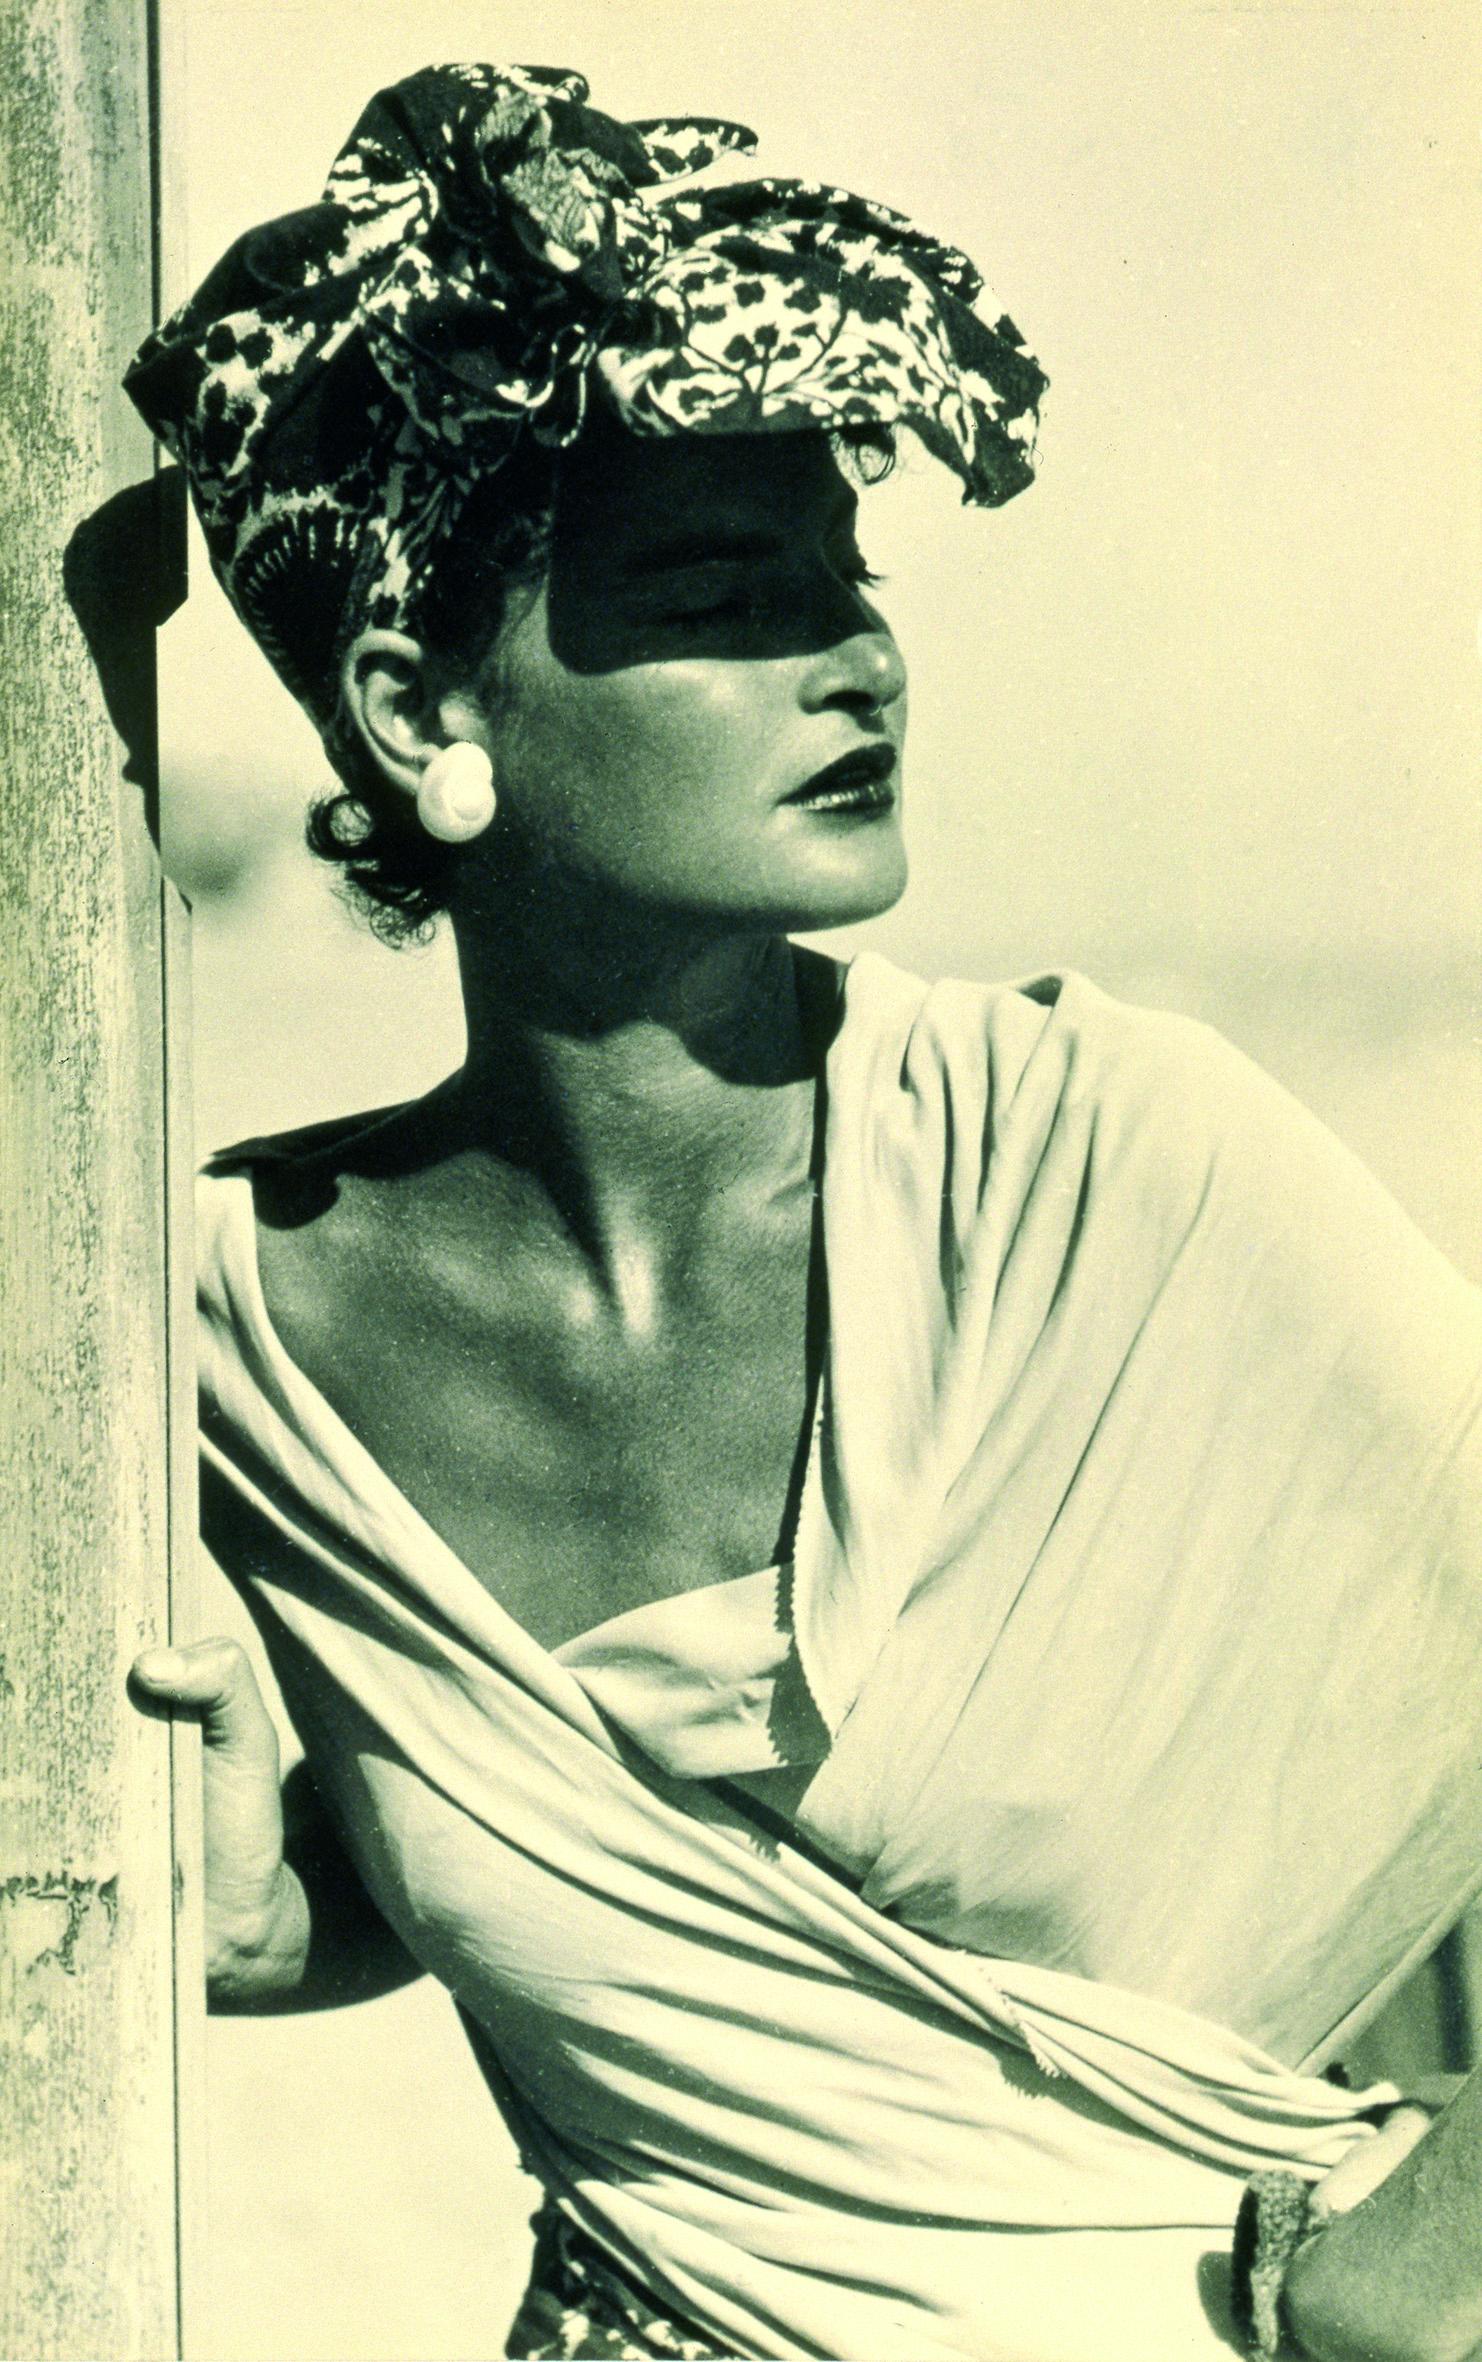 Juliet in California, 1944, fotografia, 23,2 x 14,6 cm, collezione privata, Courtesy Fondazione Marconi, -®MAN RAY TRUST _ ADAGP, Paris, By SIAE 2014